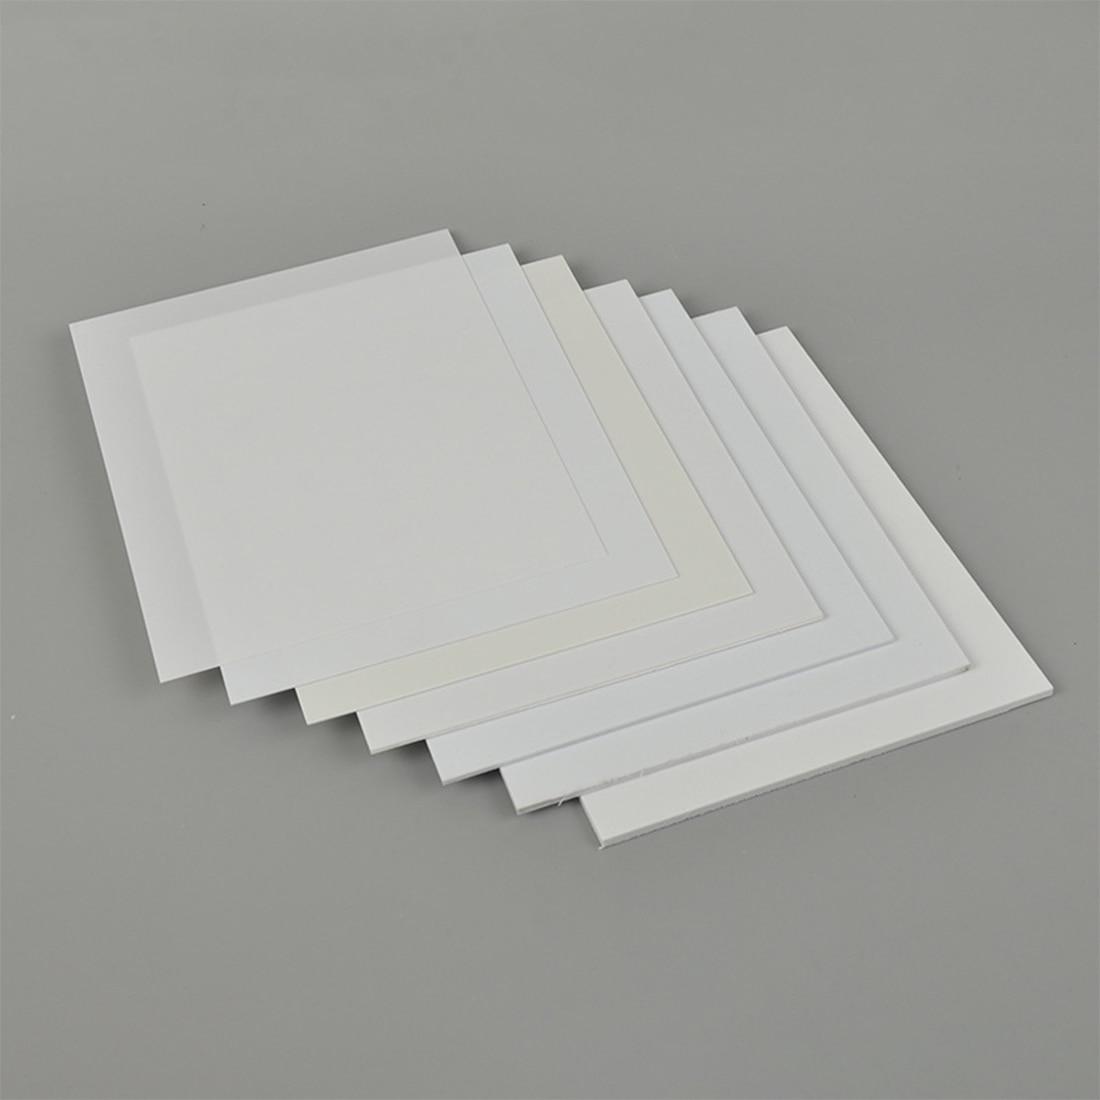 Tablero plano de plástico ABS de 10 Uds para fabricación de modelos de mesa de arena-blanco